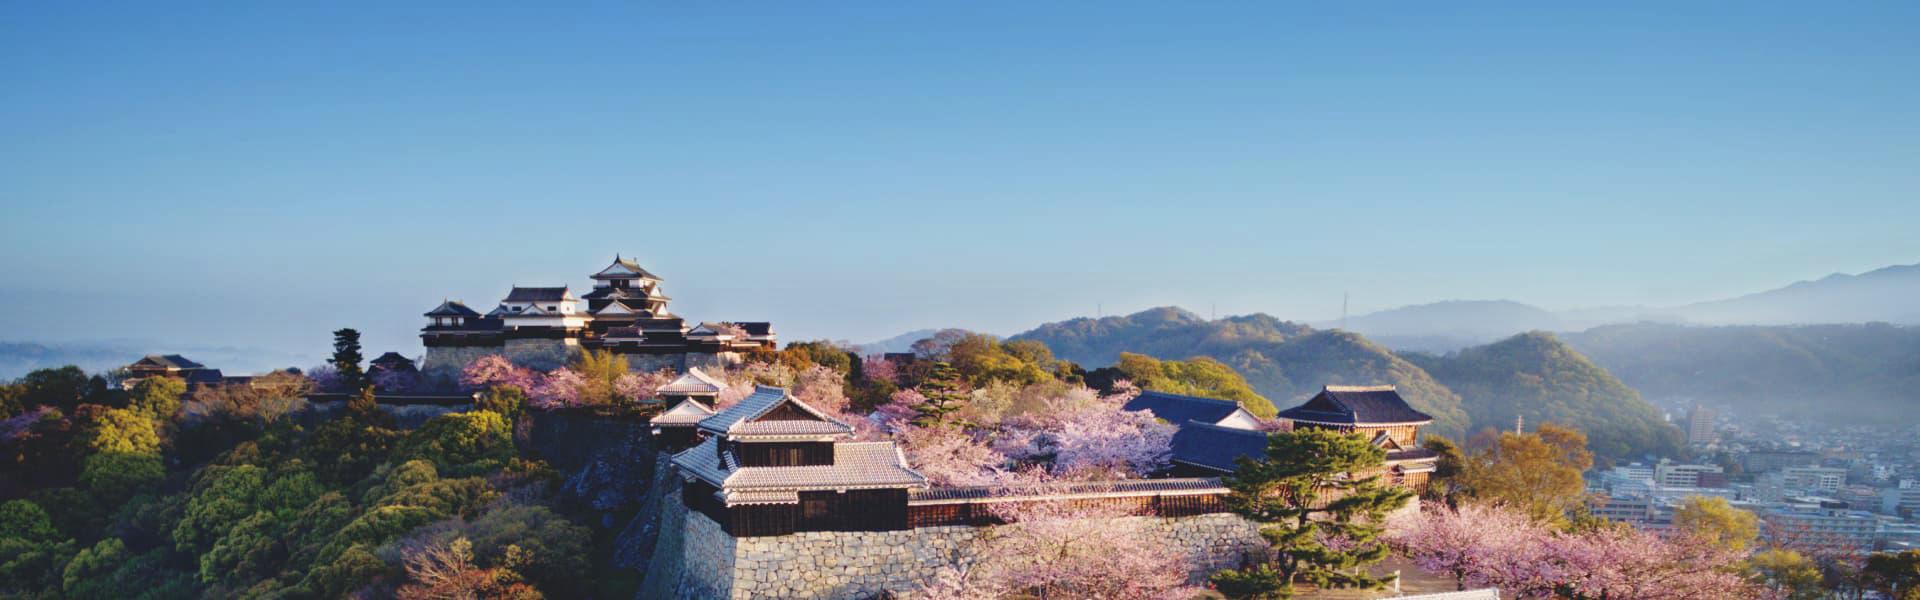 About Matsuyama City